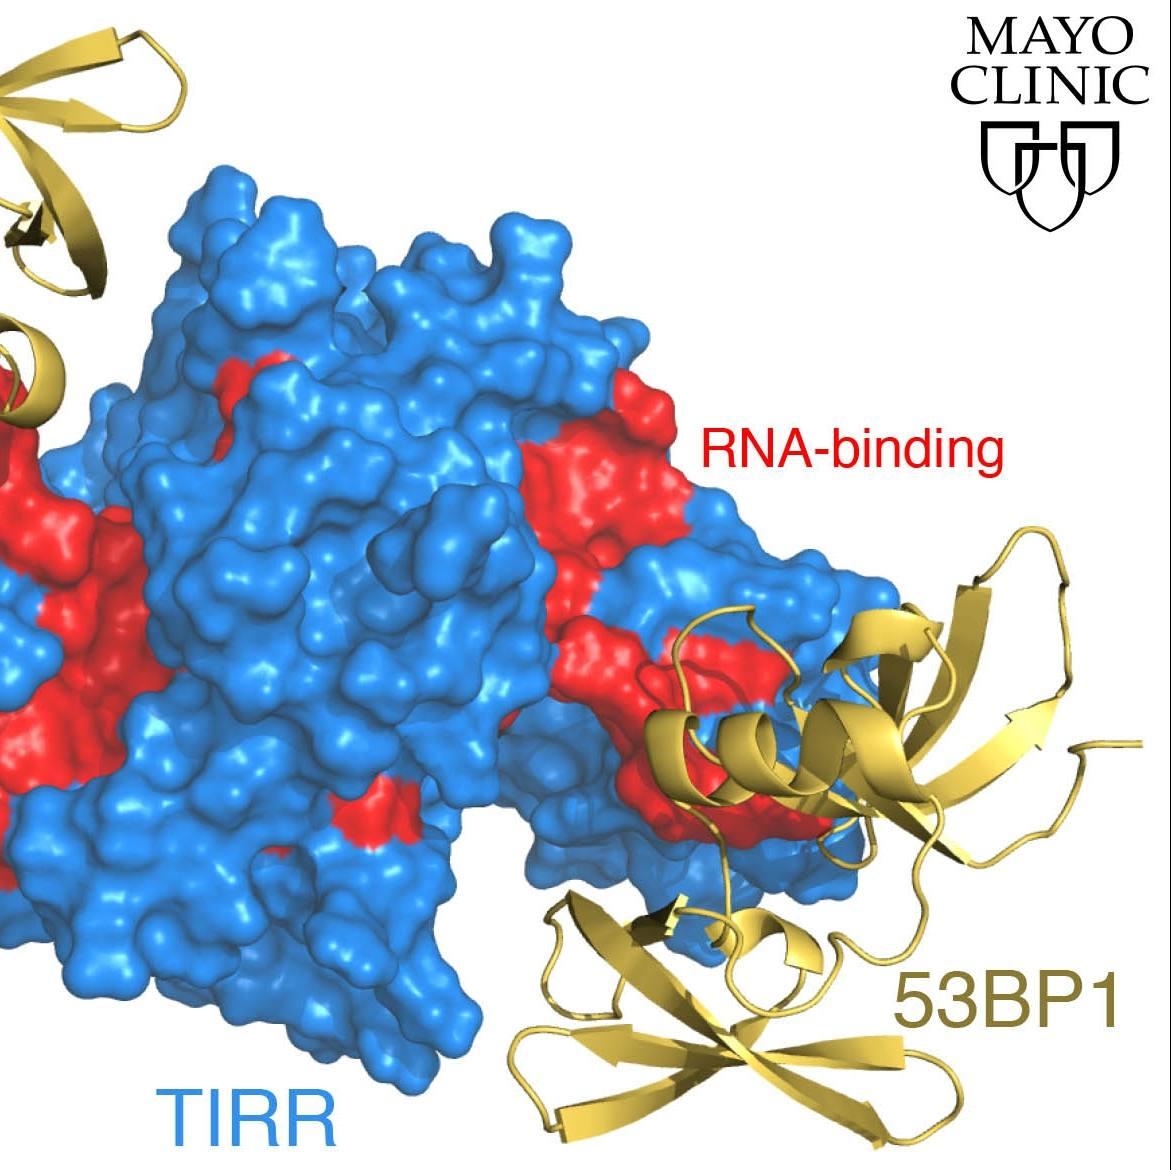 3-D image of damaged DNA